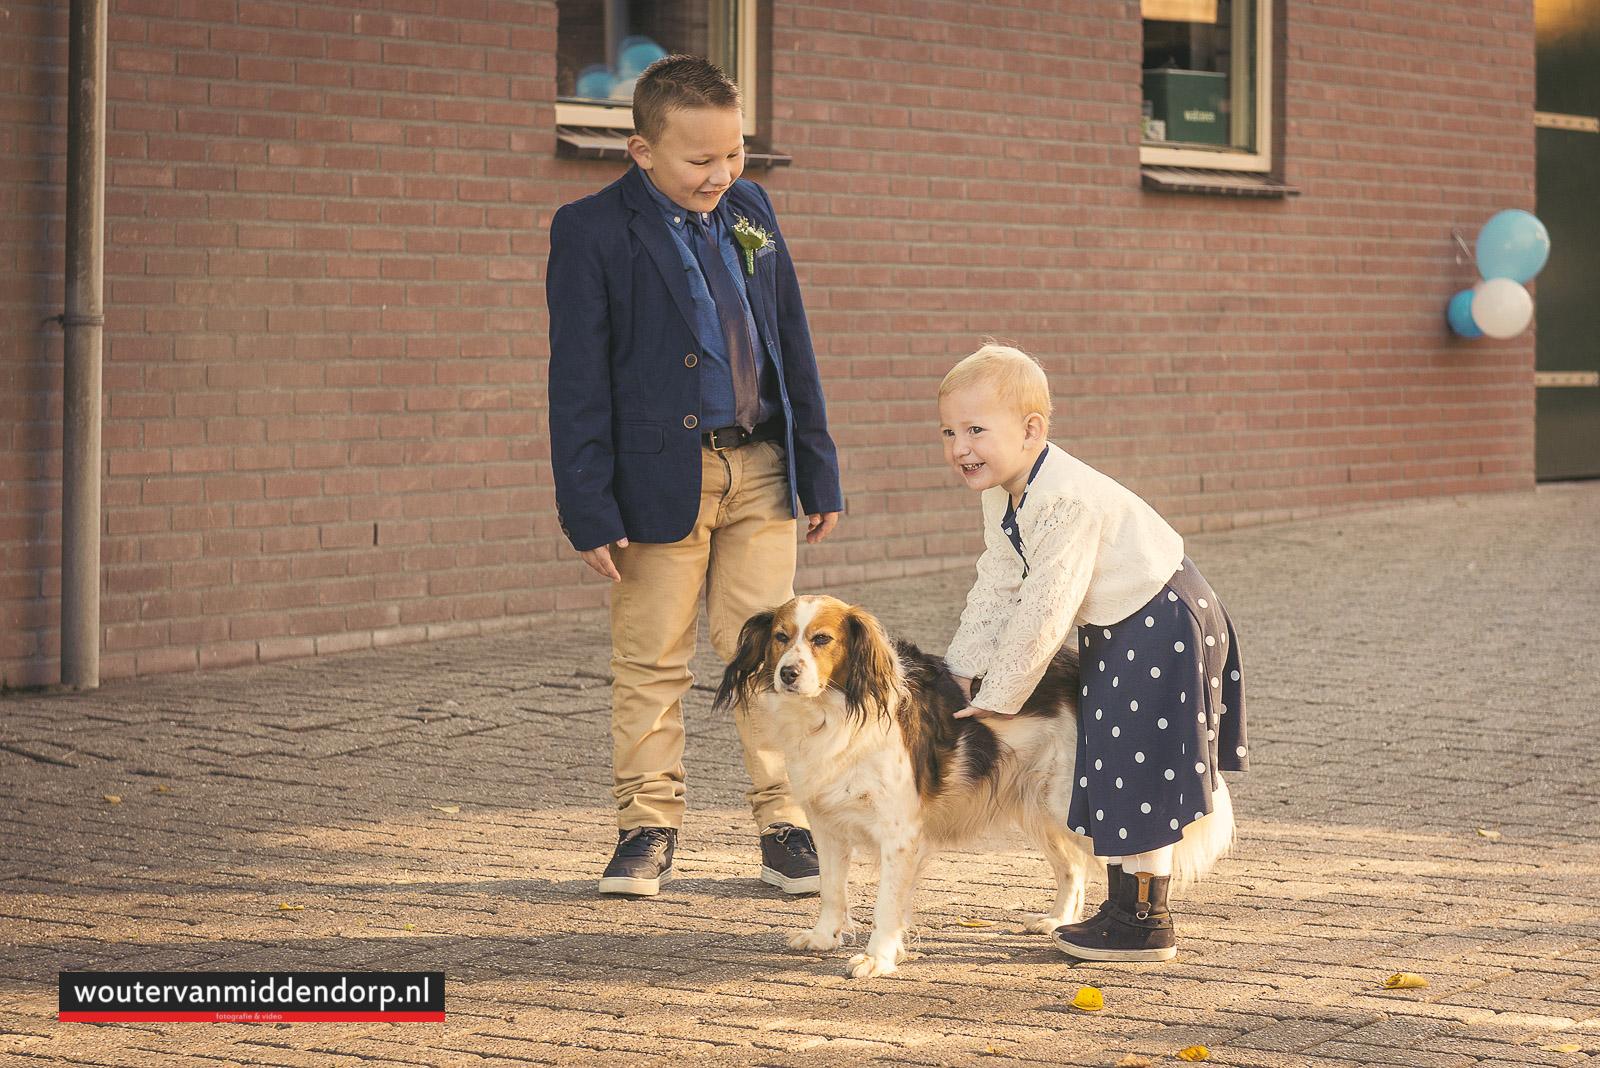 bruidsfotografie Wouter van Middendorp Uddel, Putten, -15